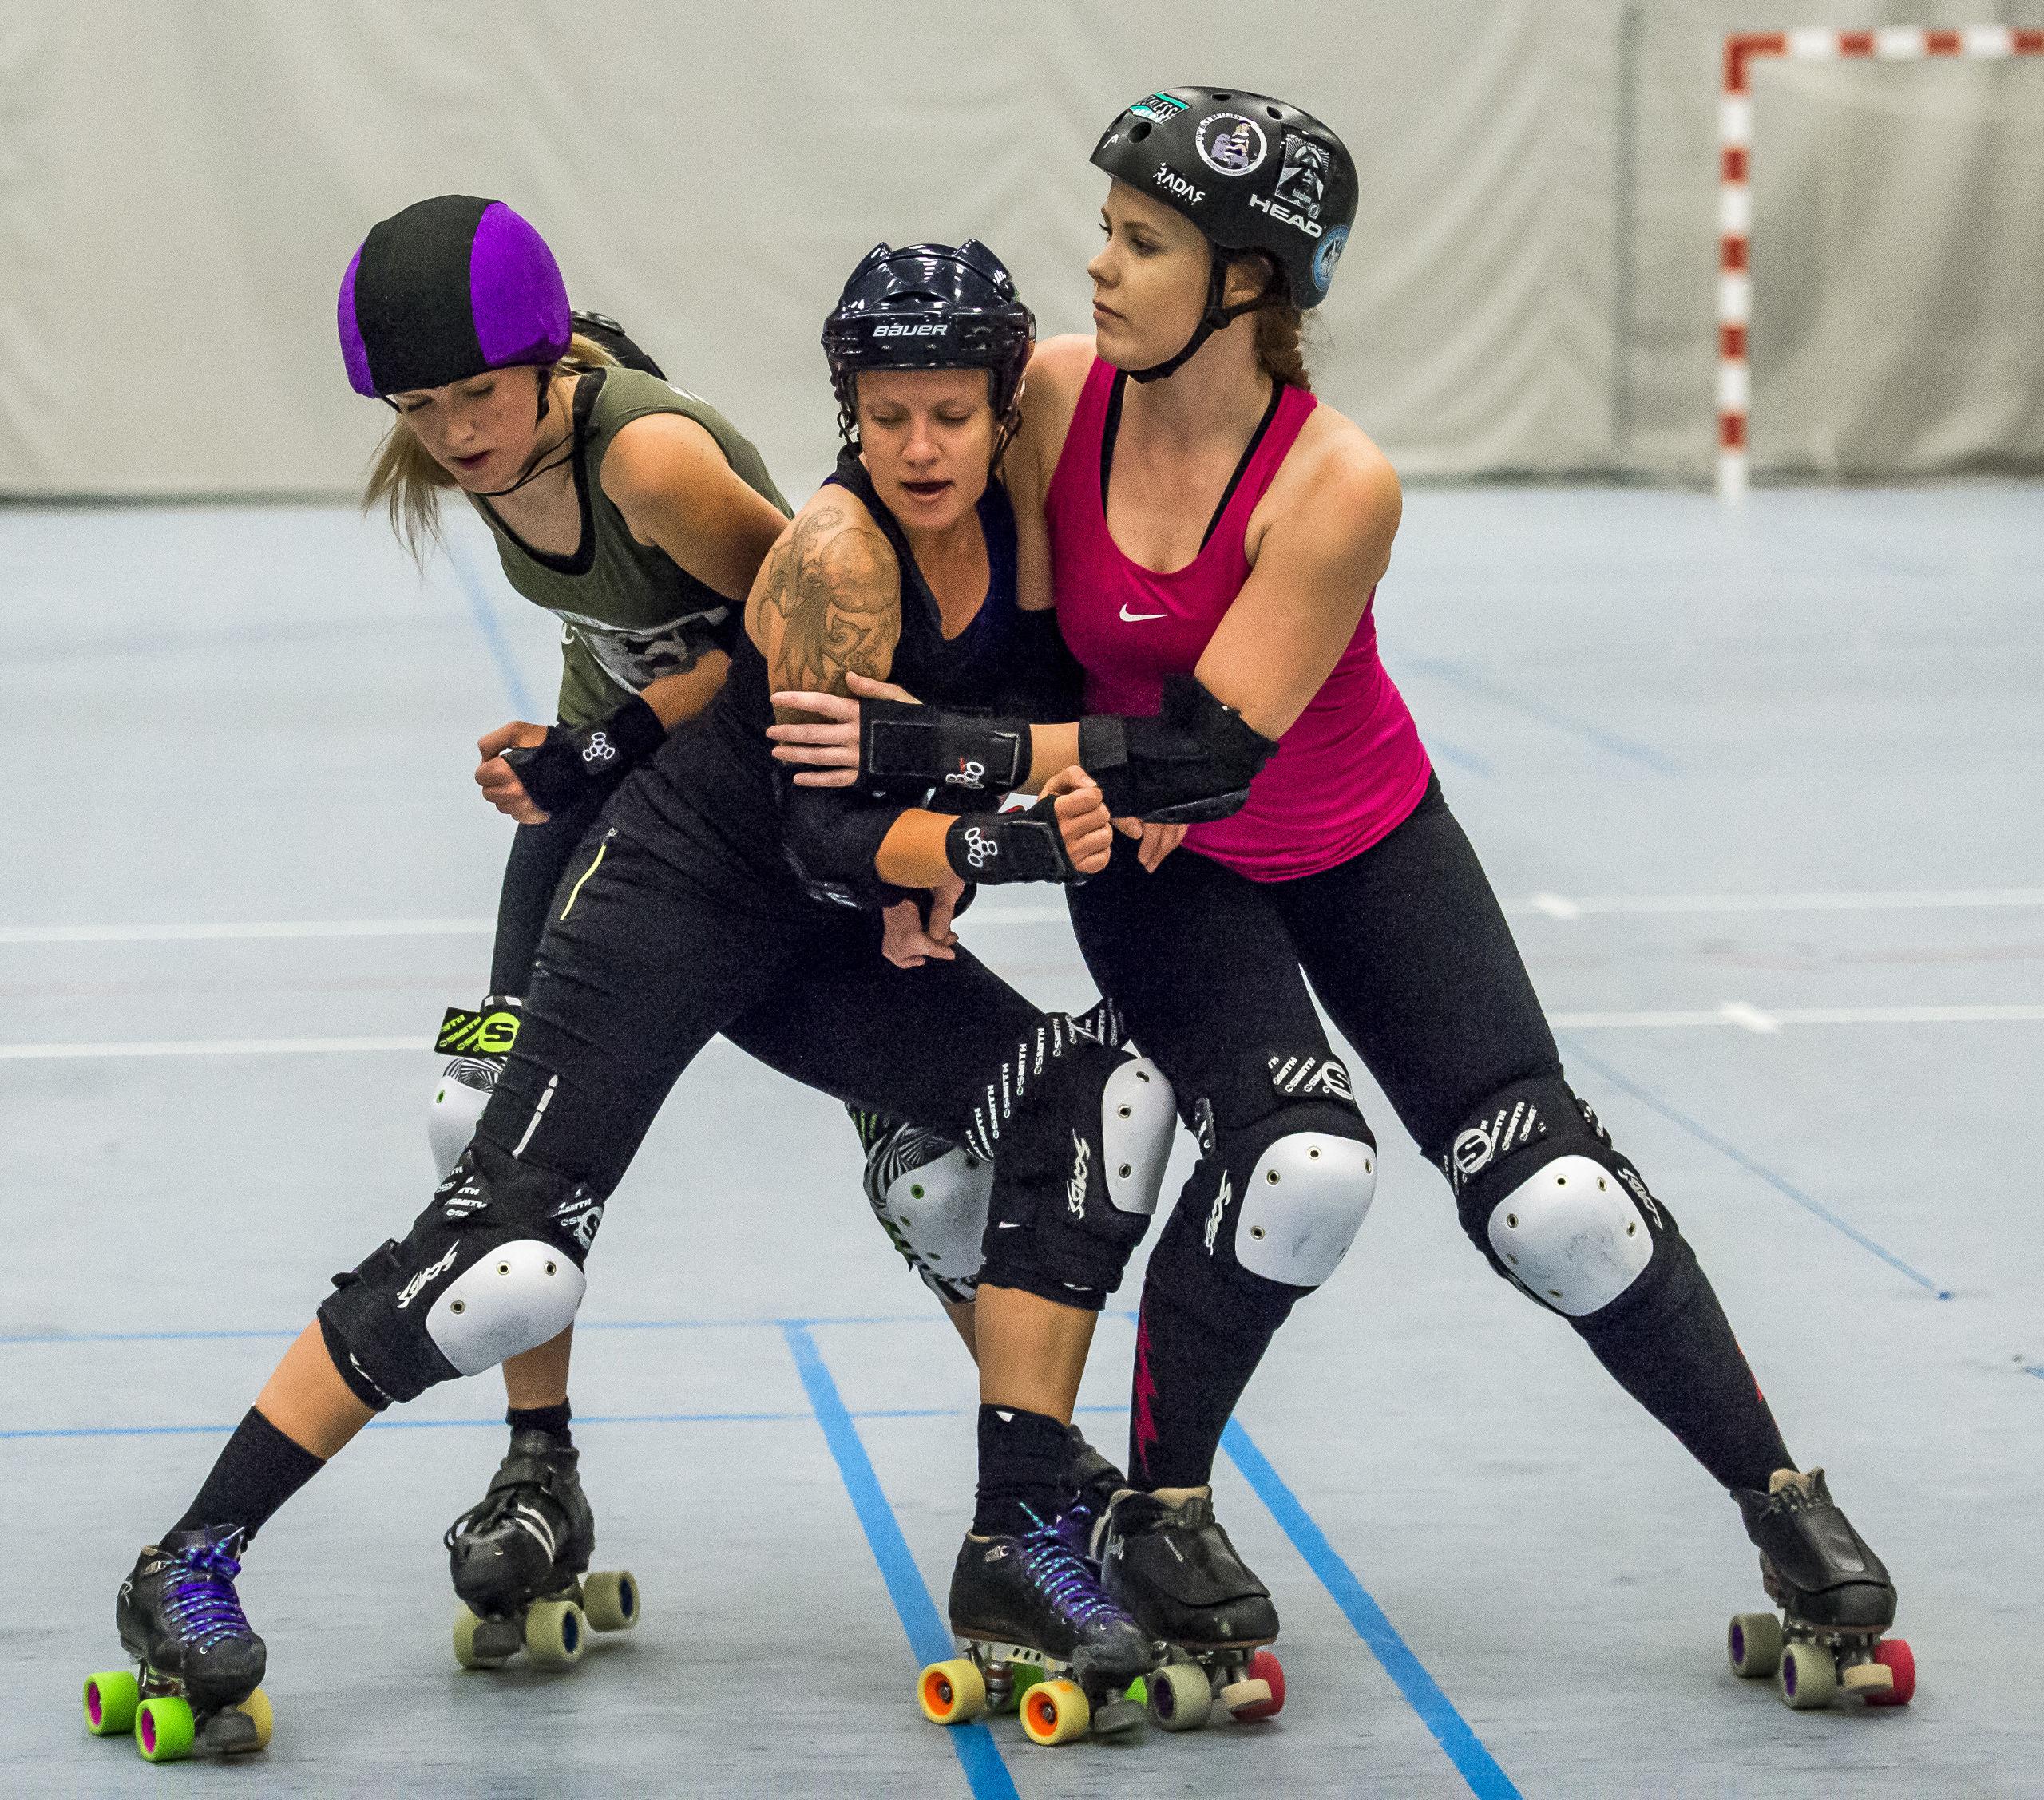 Aalborg Roller Derby får støtte til at arrangere landets største turnering